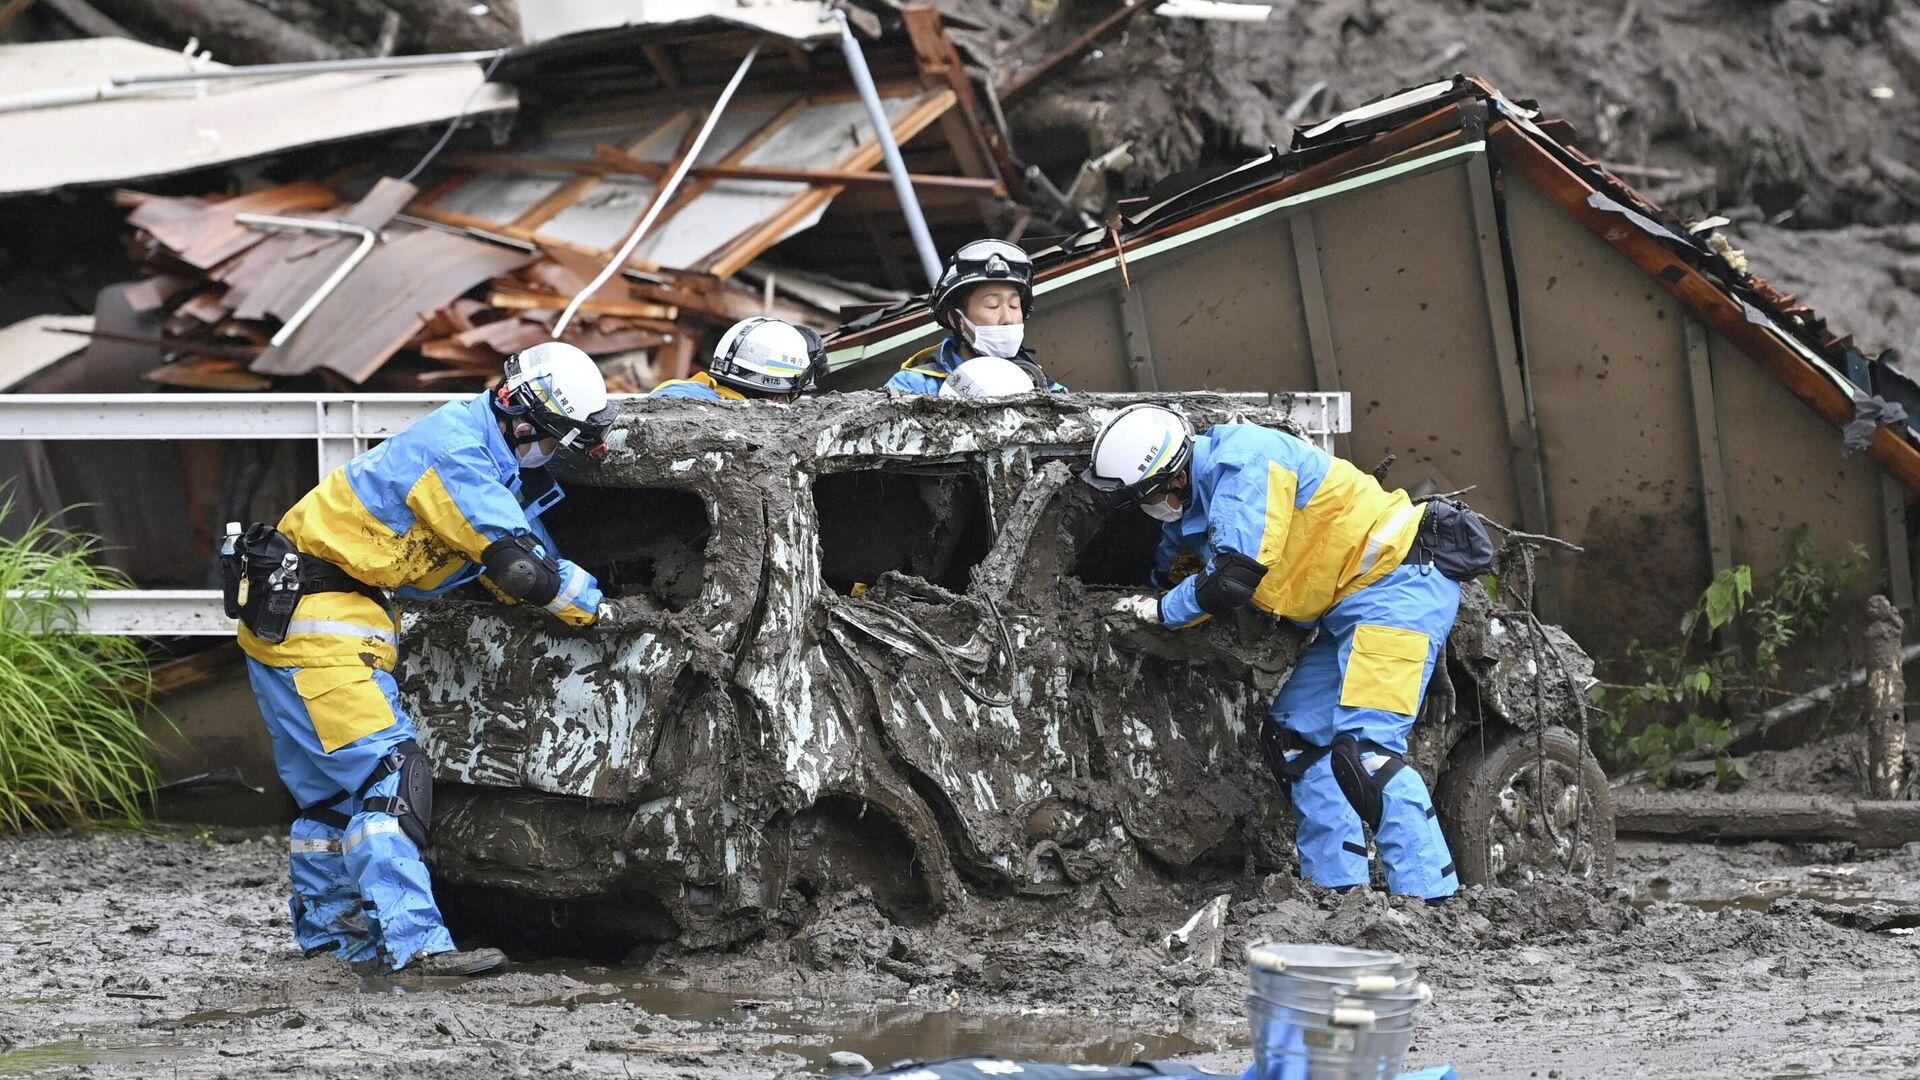 Полицейские проводят поисково-спасательные работы на месте оползня, вызванного сильным дождем, в районе Идзусан в Атами, к западу от Токио, Япония - РИА Новости, 1920, 05.07.2021